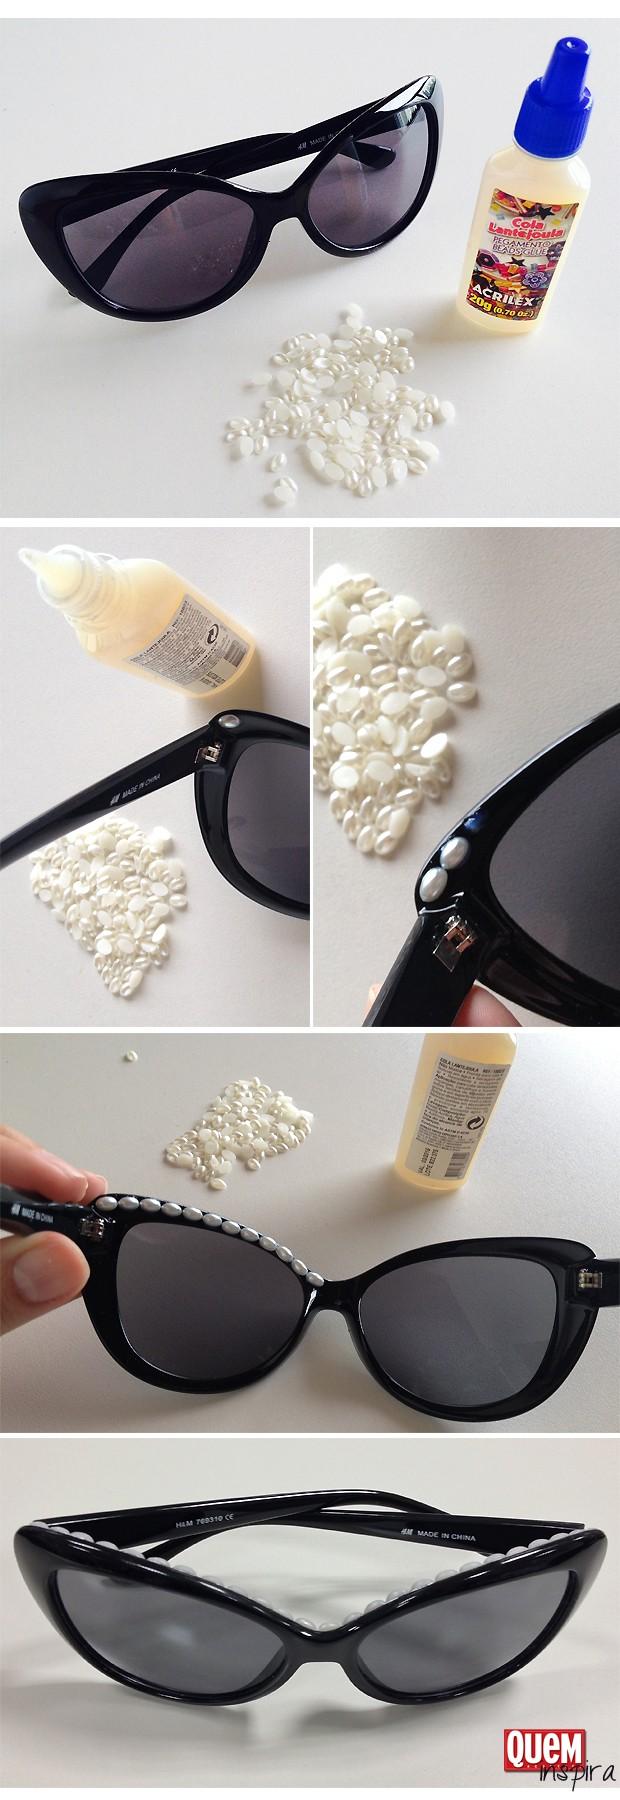 Passo a passo: óculos perolado da Chanel (Foto: QUEM Inspira)